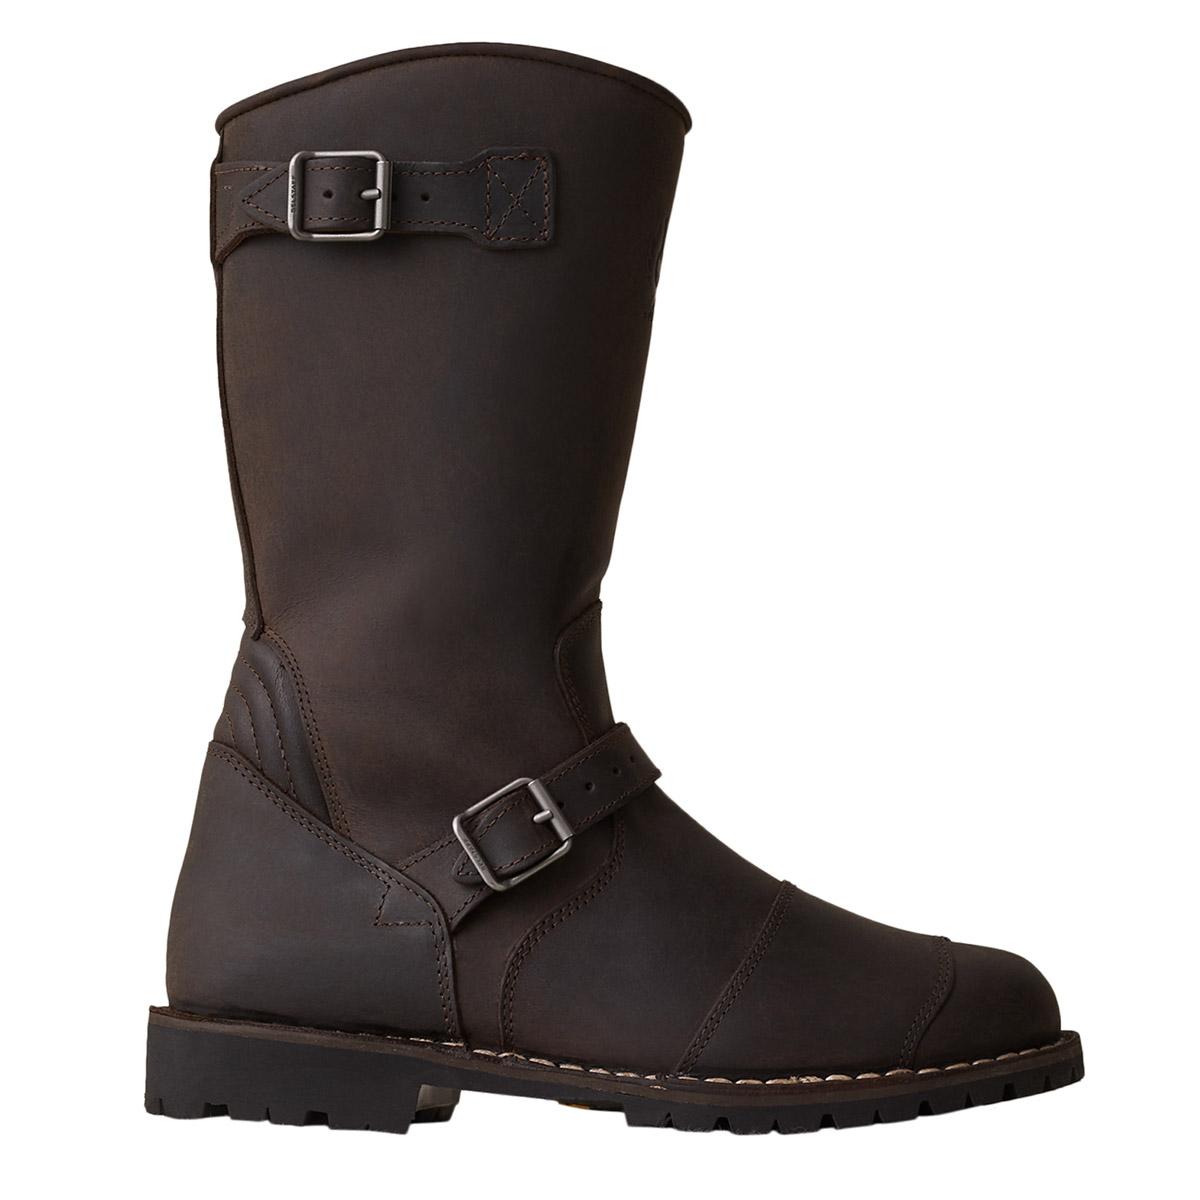 Belstaff Endurance Boots - Black / Brown